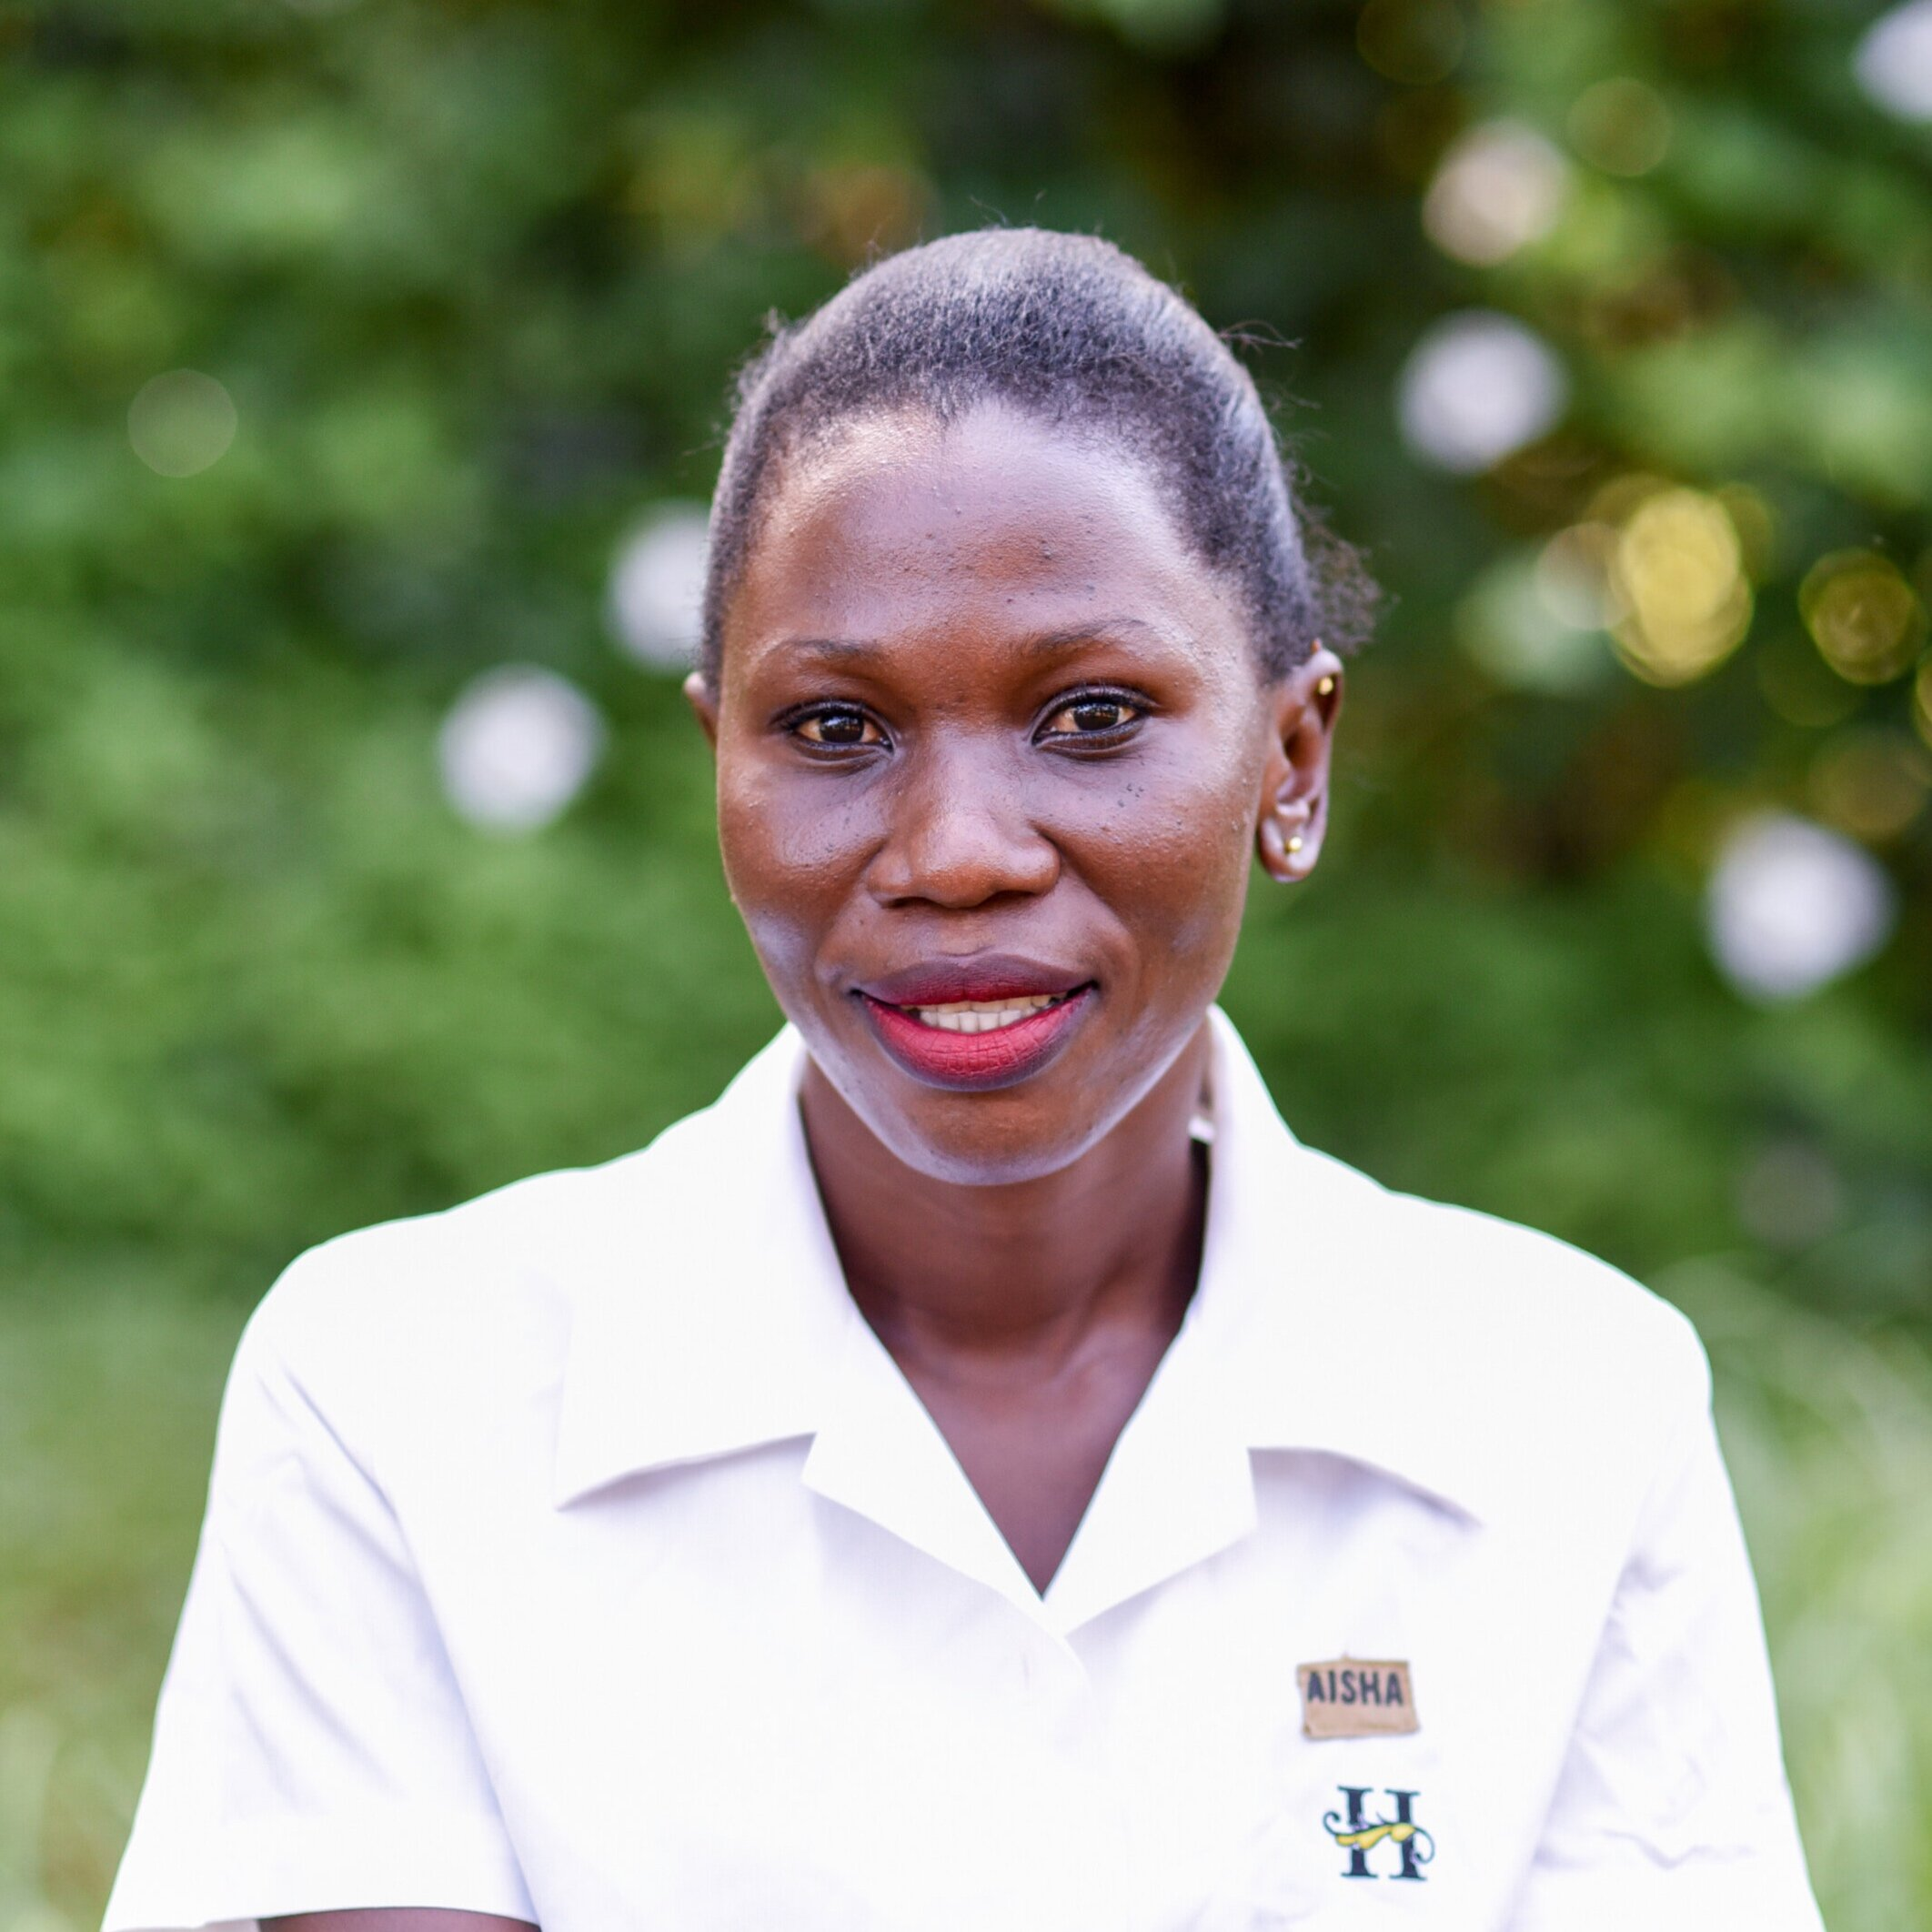 Aisha - Preschool Manager